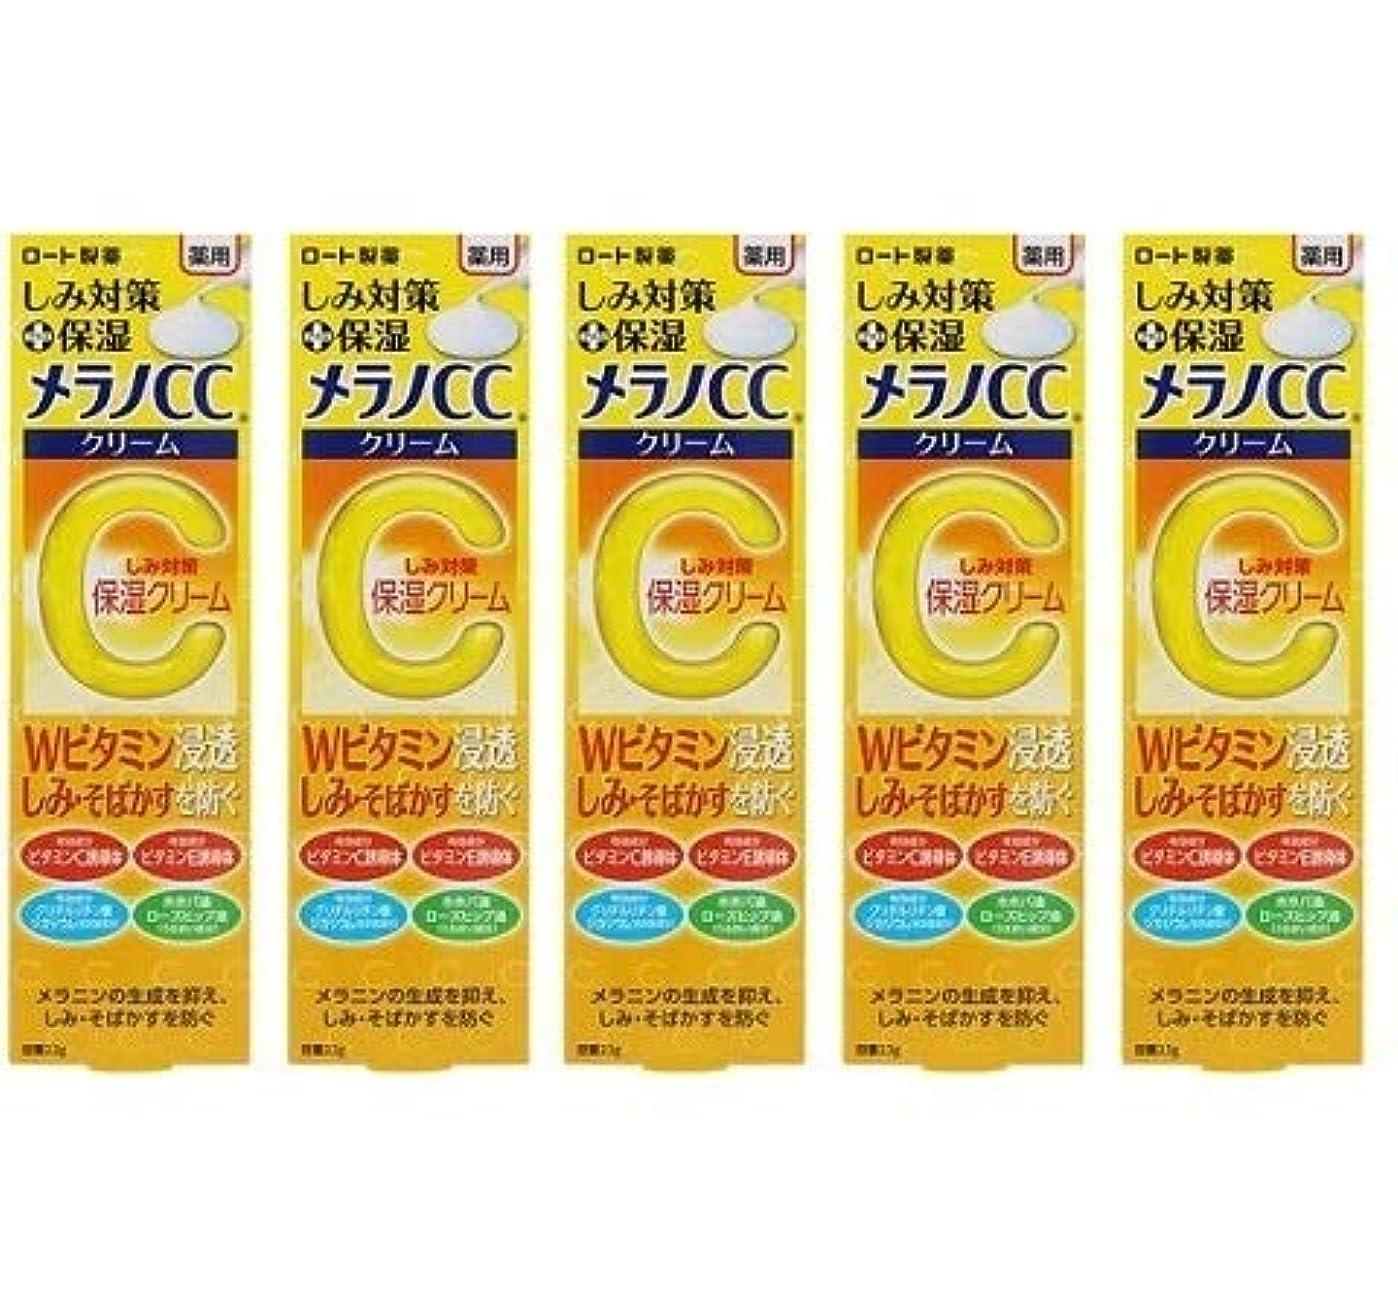 第四閉塞超えるメラノCC 薬用しみ対策 保湿クリーム 23g×5個セット